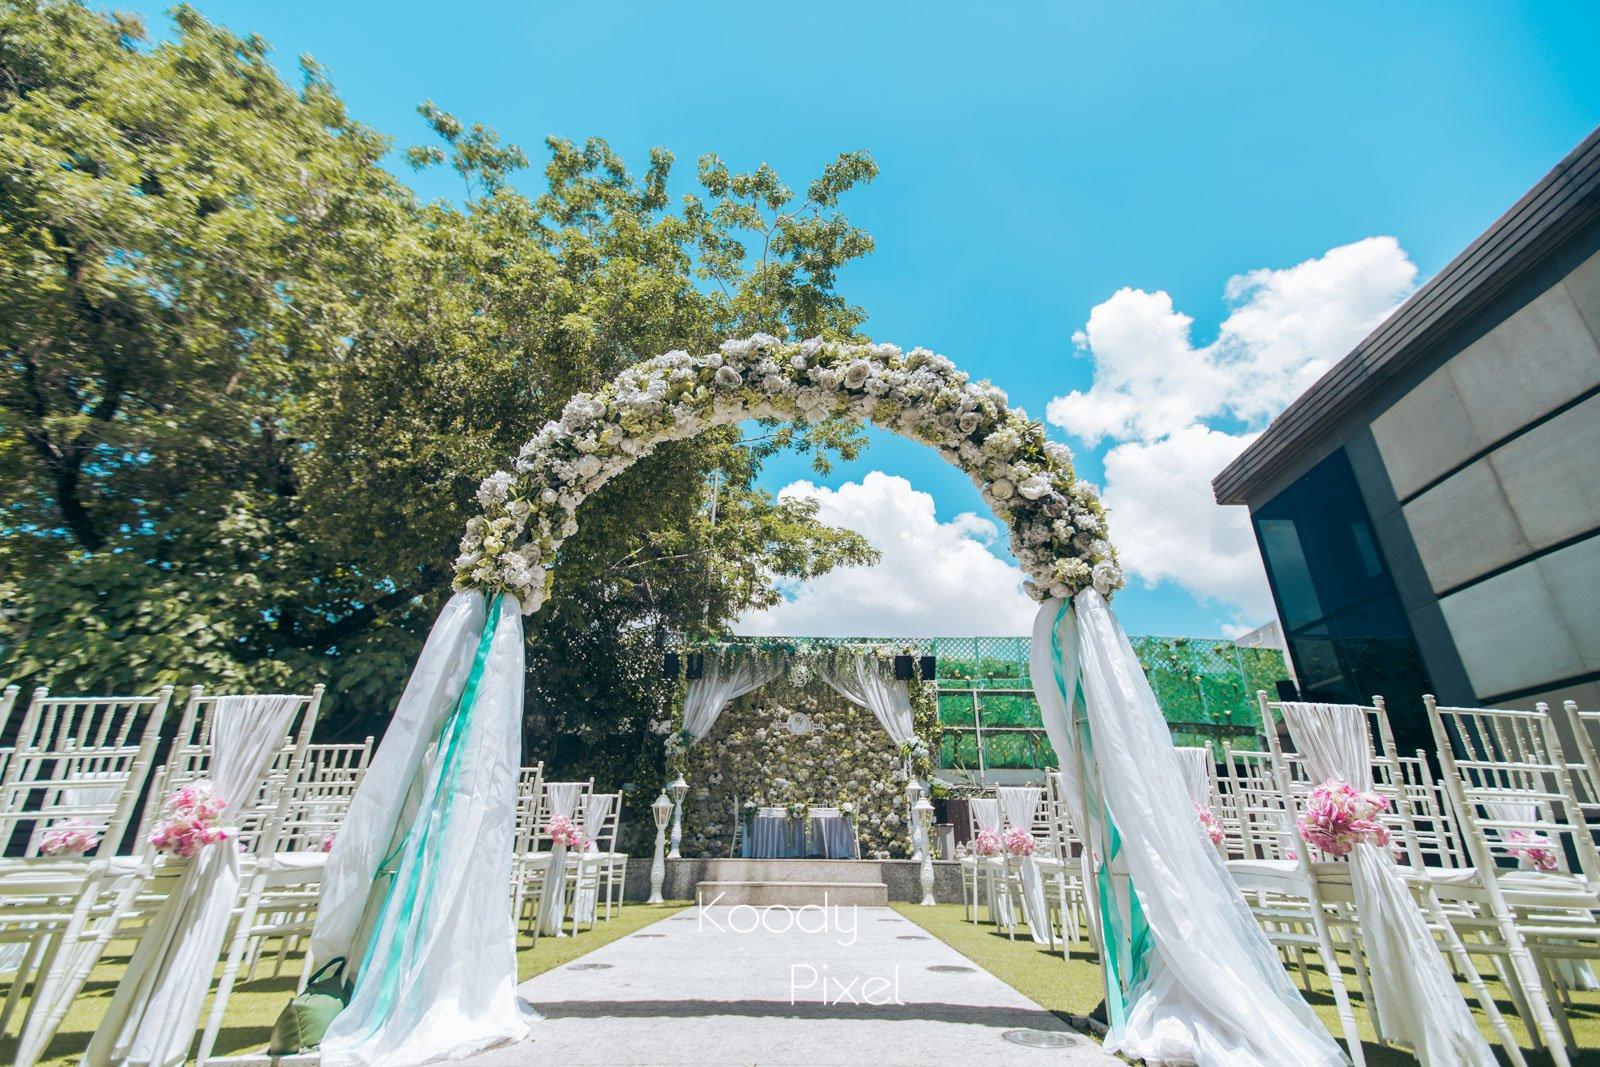 盡管當天在炎炎夏天,但戶外證婚場地卻能帶出更清新的婚禮